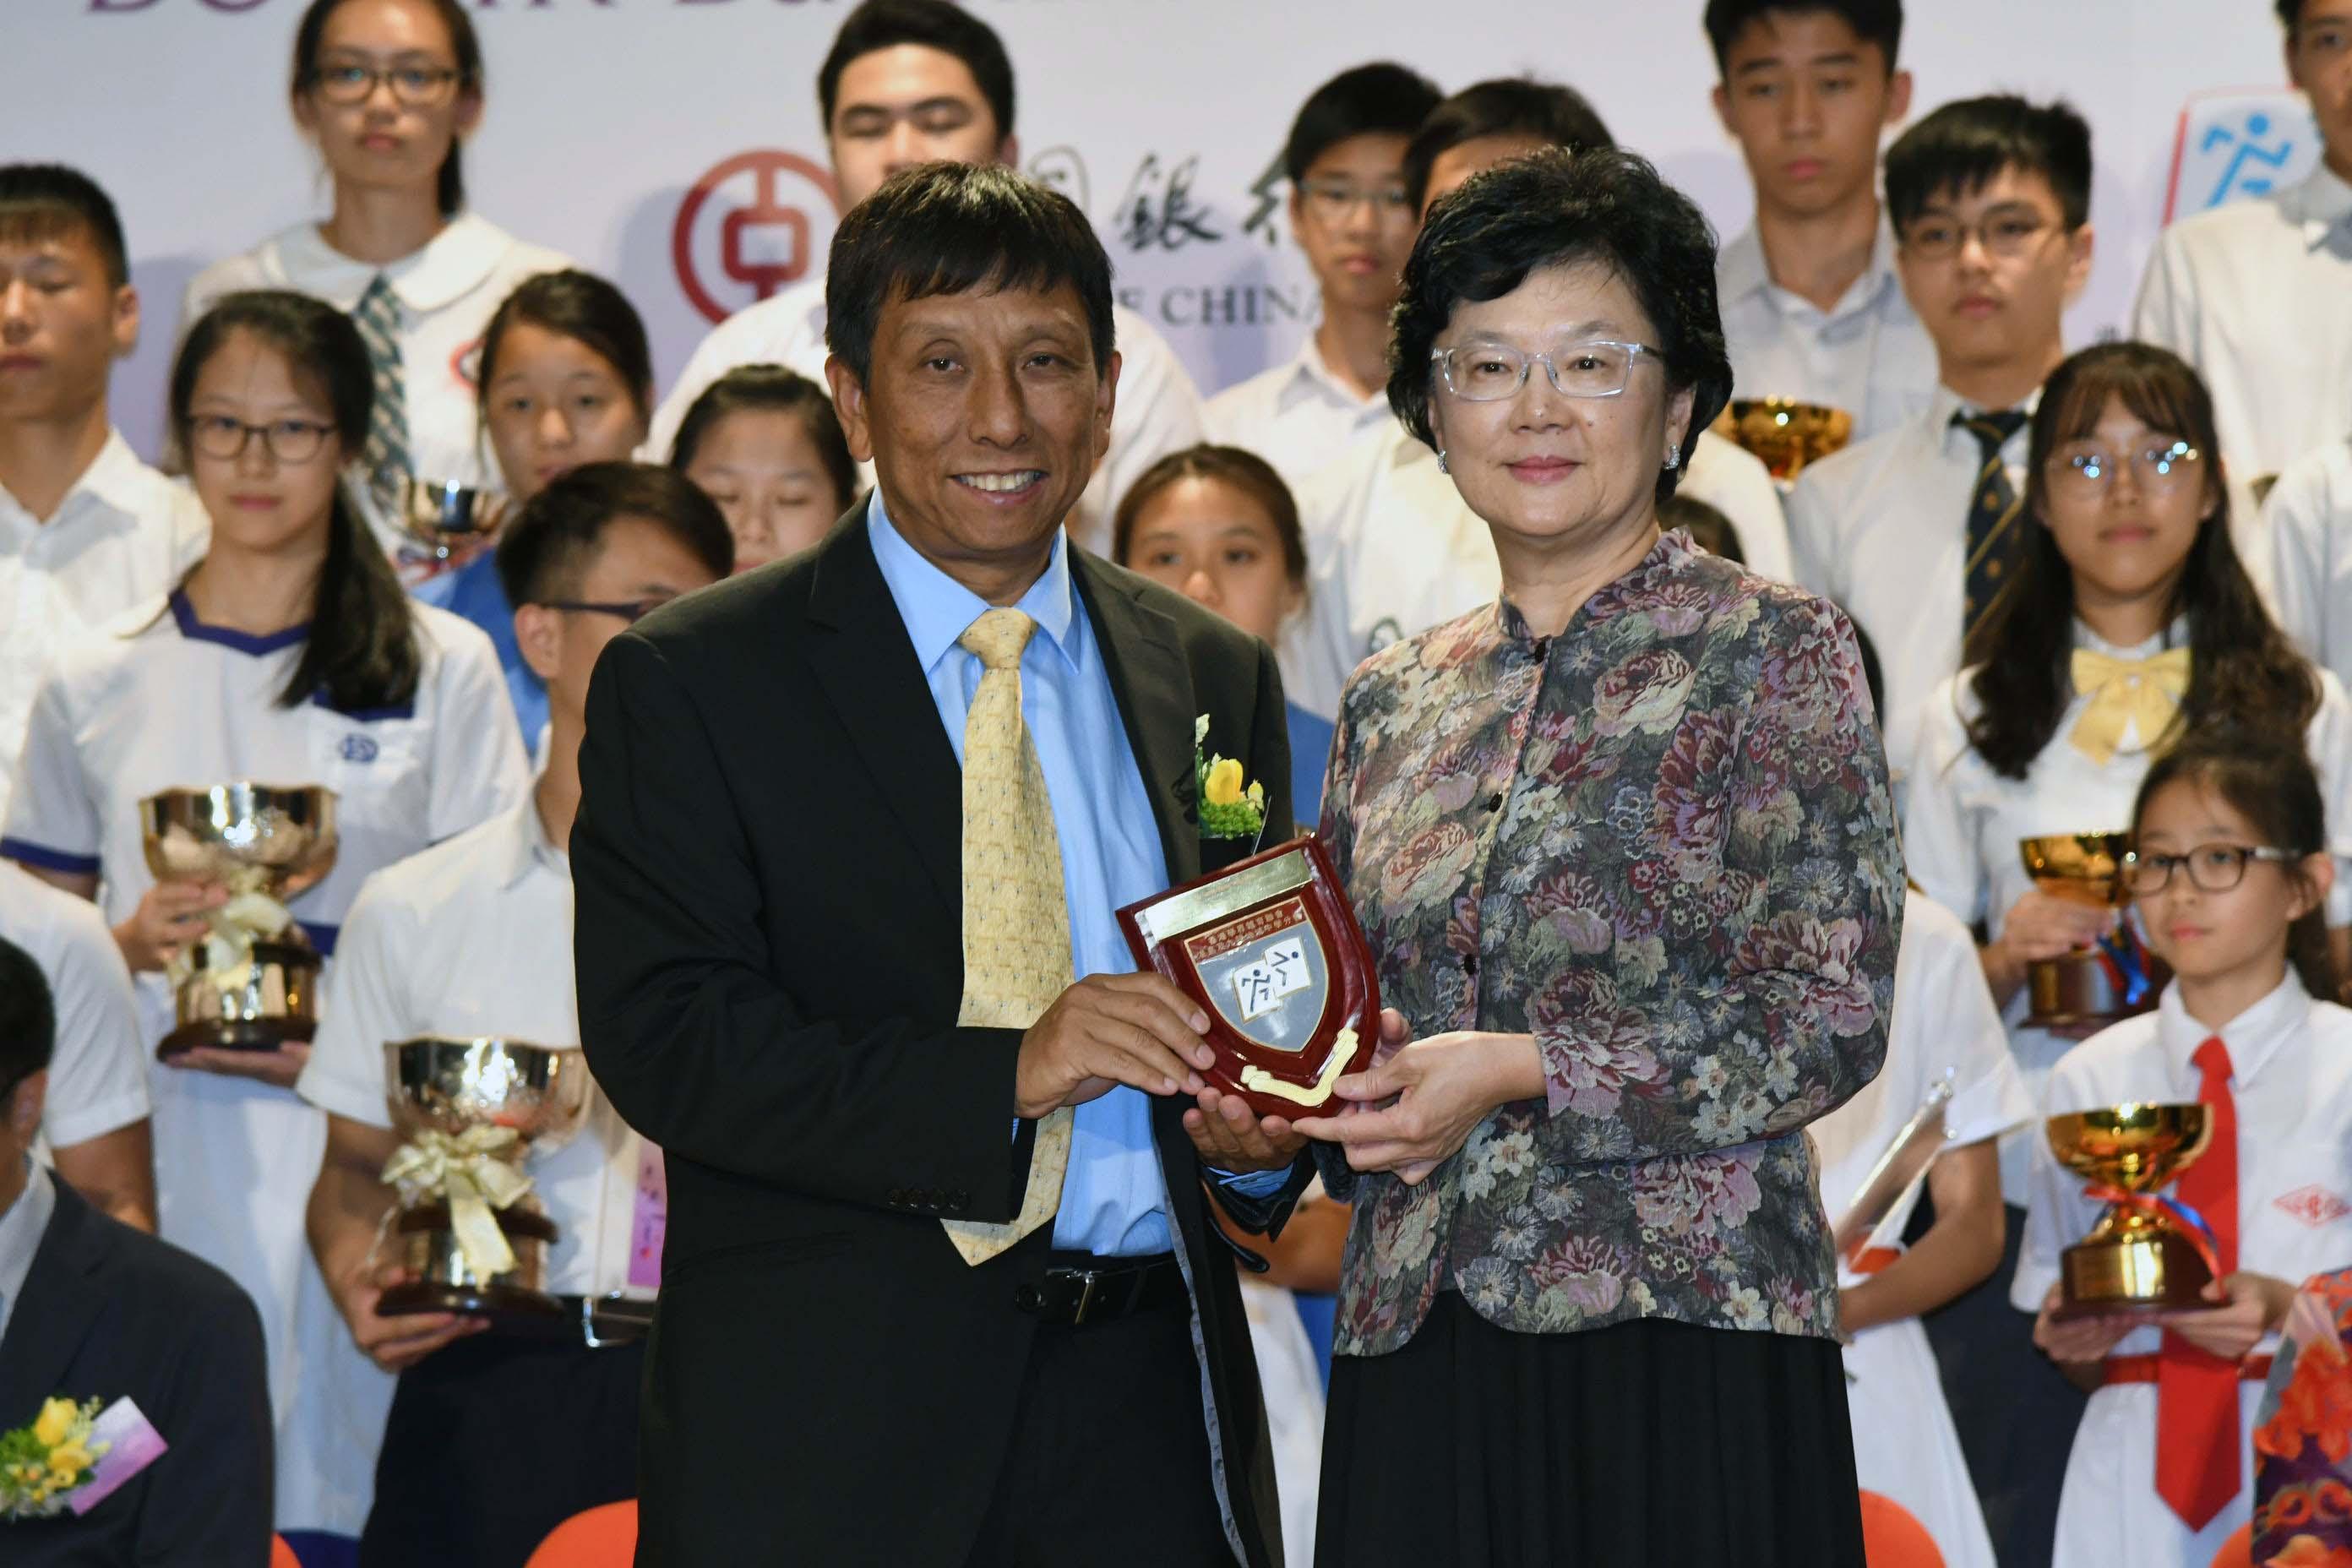 香港浸會大學體育學系副教授雷雄德(左)獲邀任頒獎嘉賓。郭晉朗攝